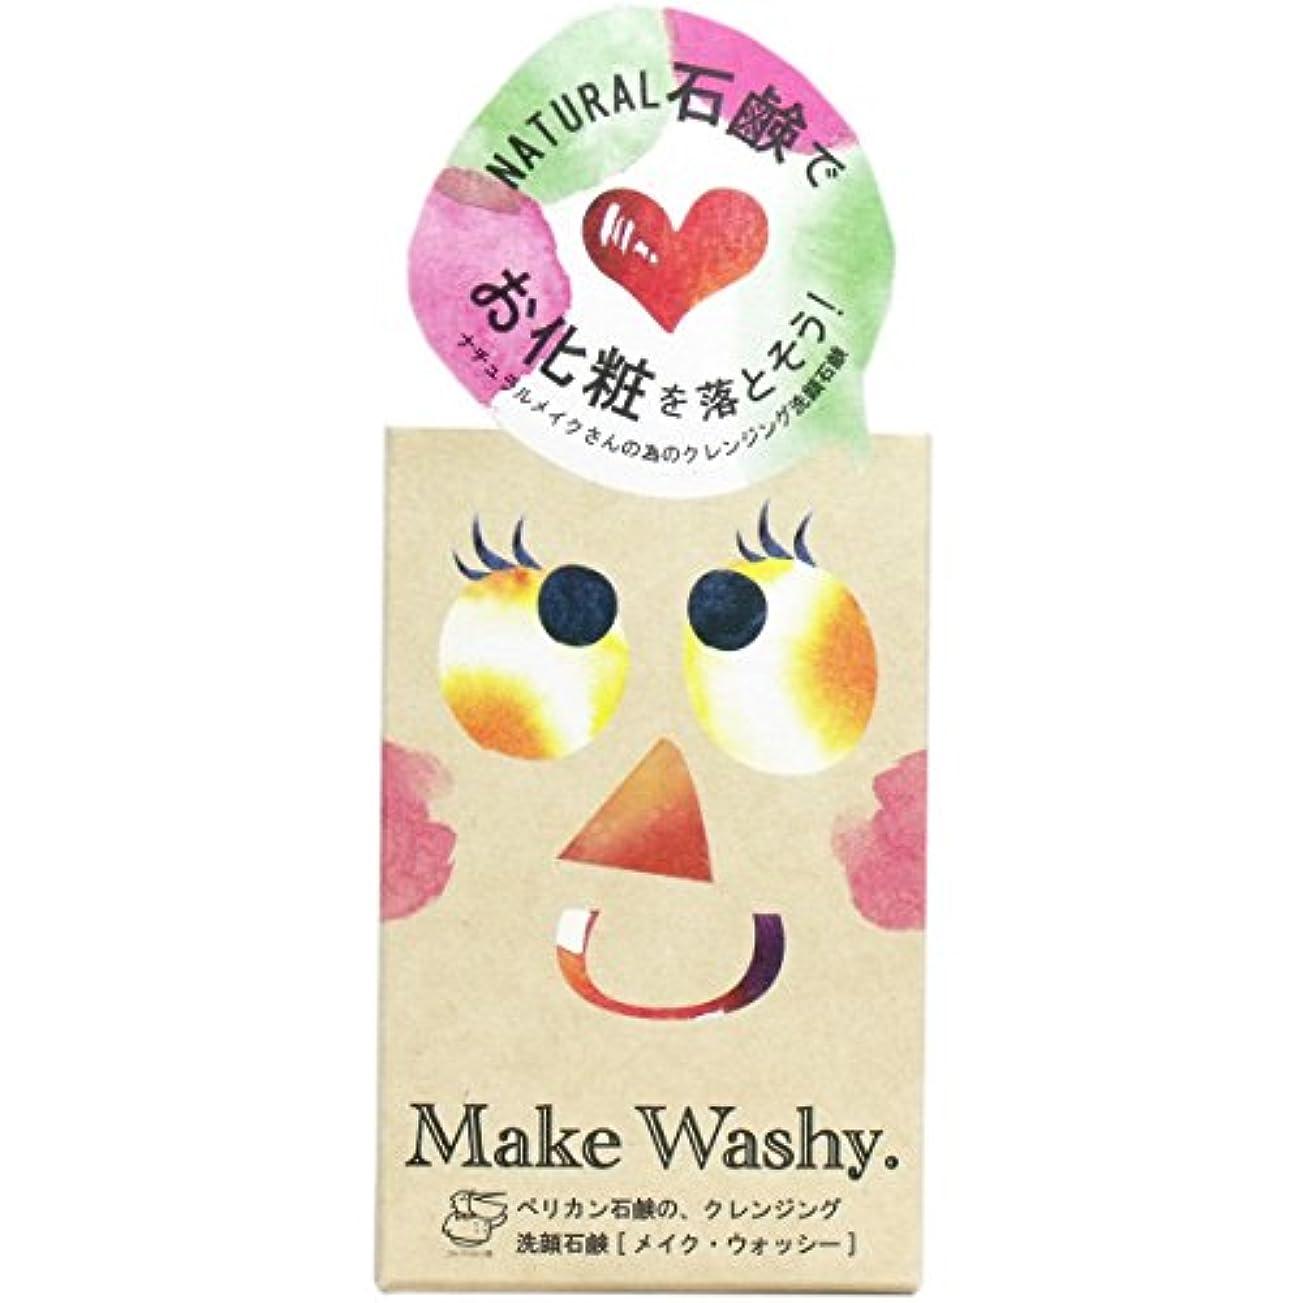 【まとめ買い】メイクウォッシー 洗顔石鹸【×2個】